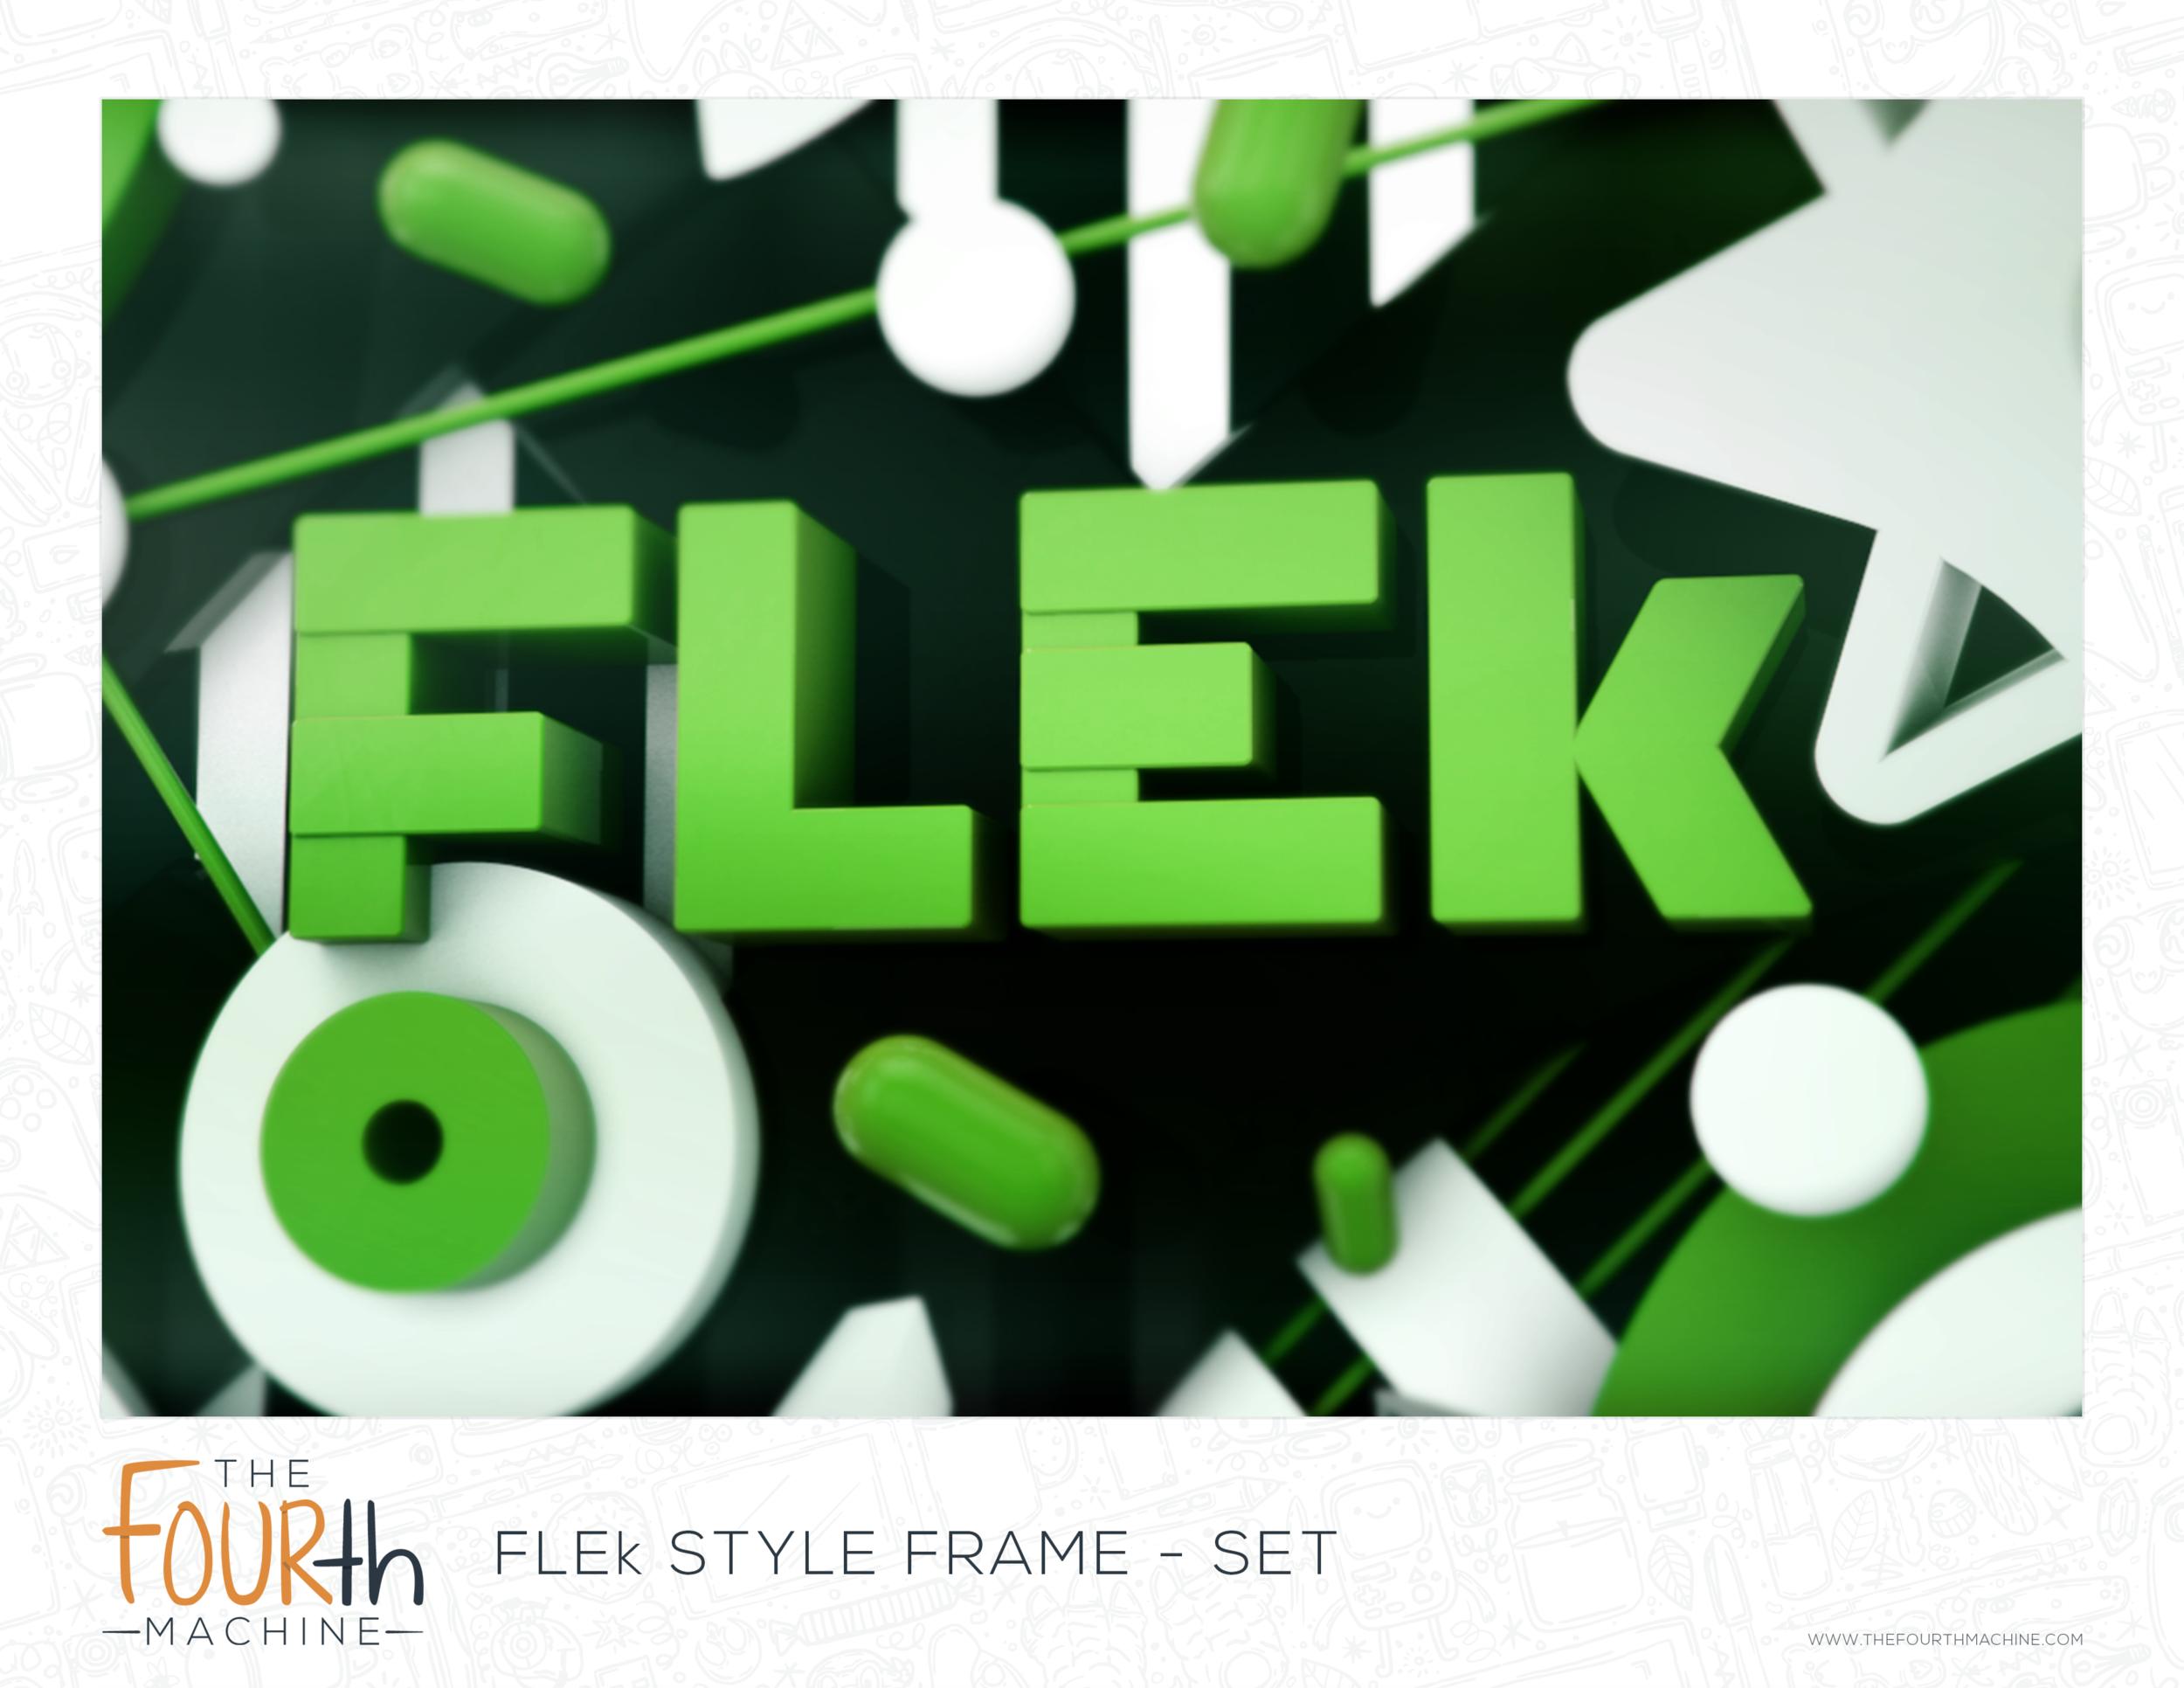 FLEk_Style_Frame_Set.png